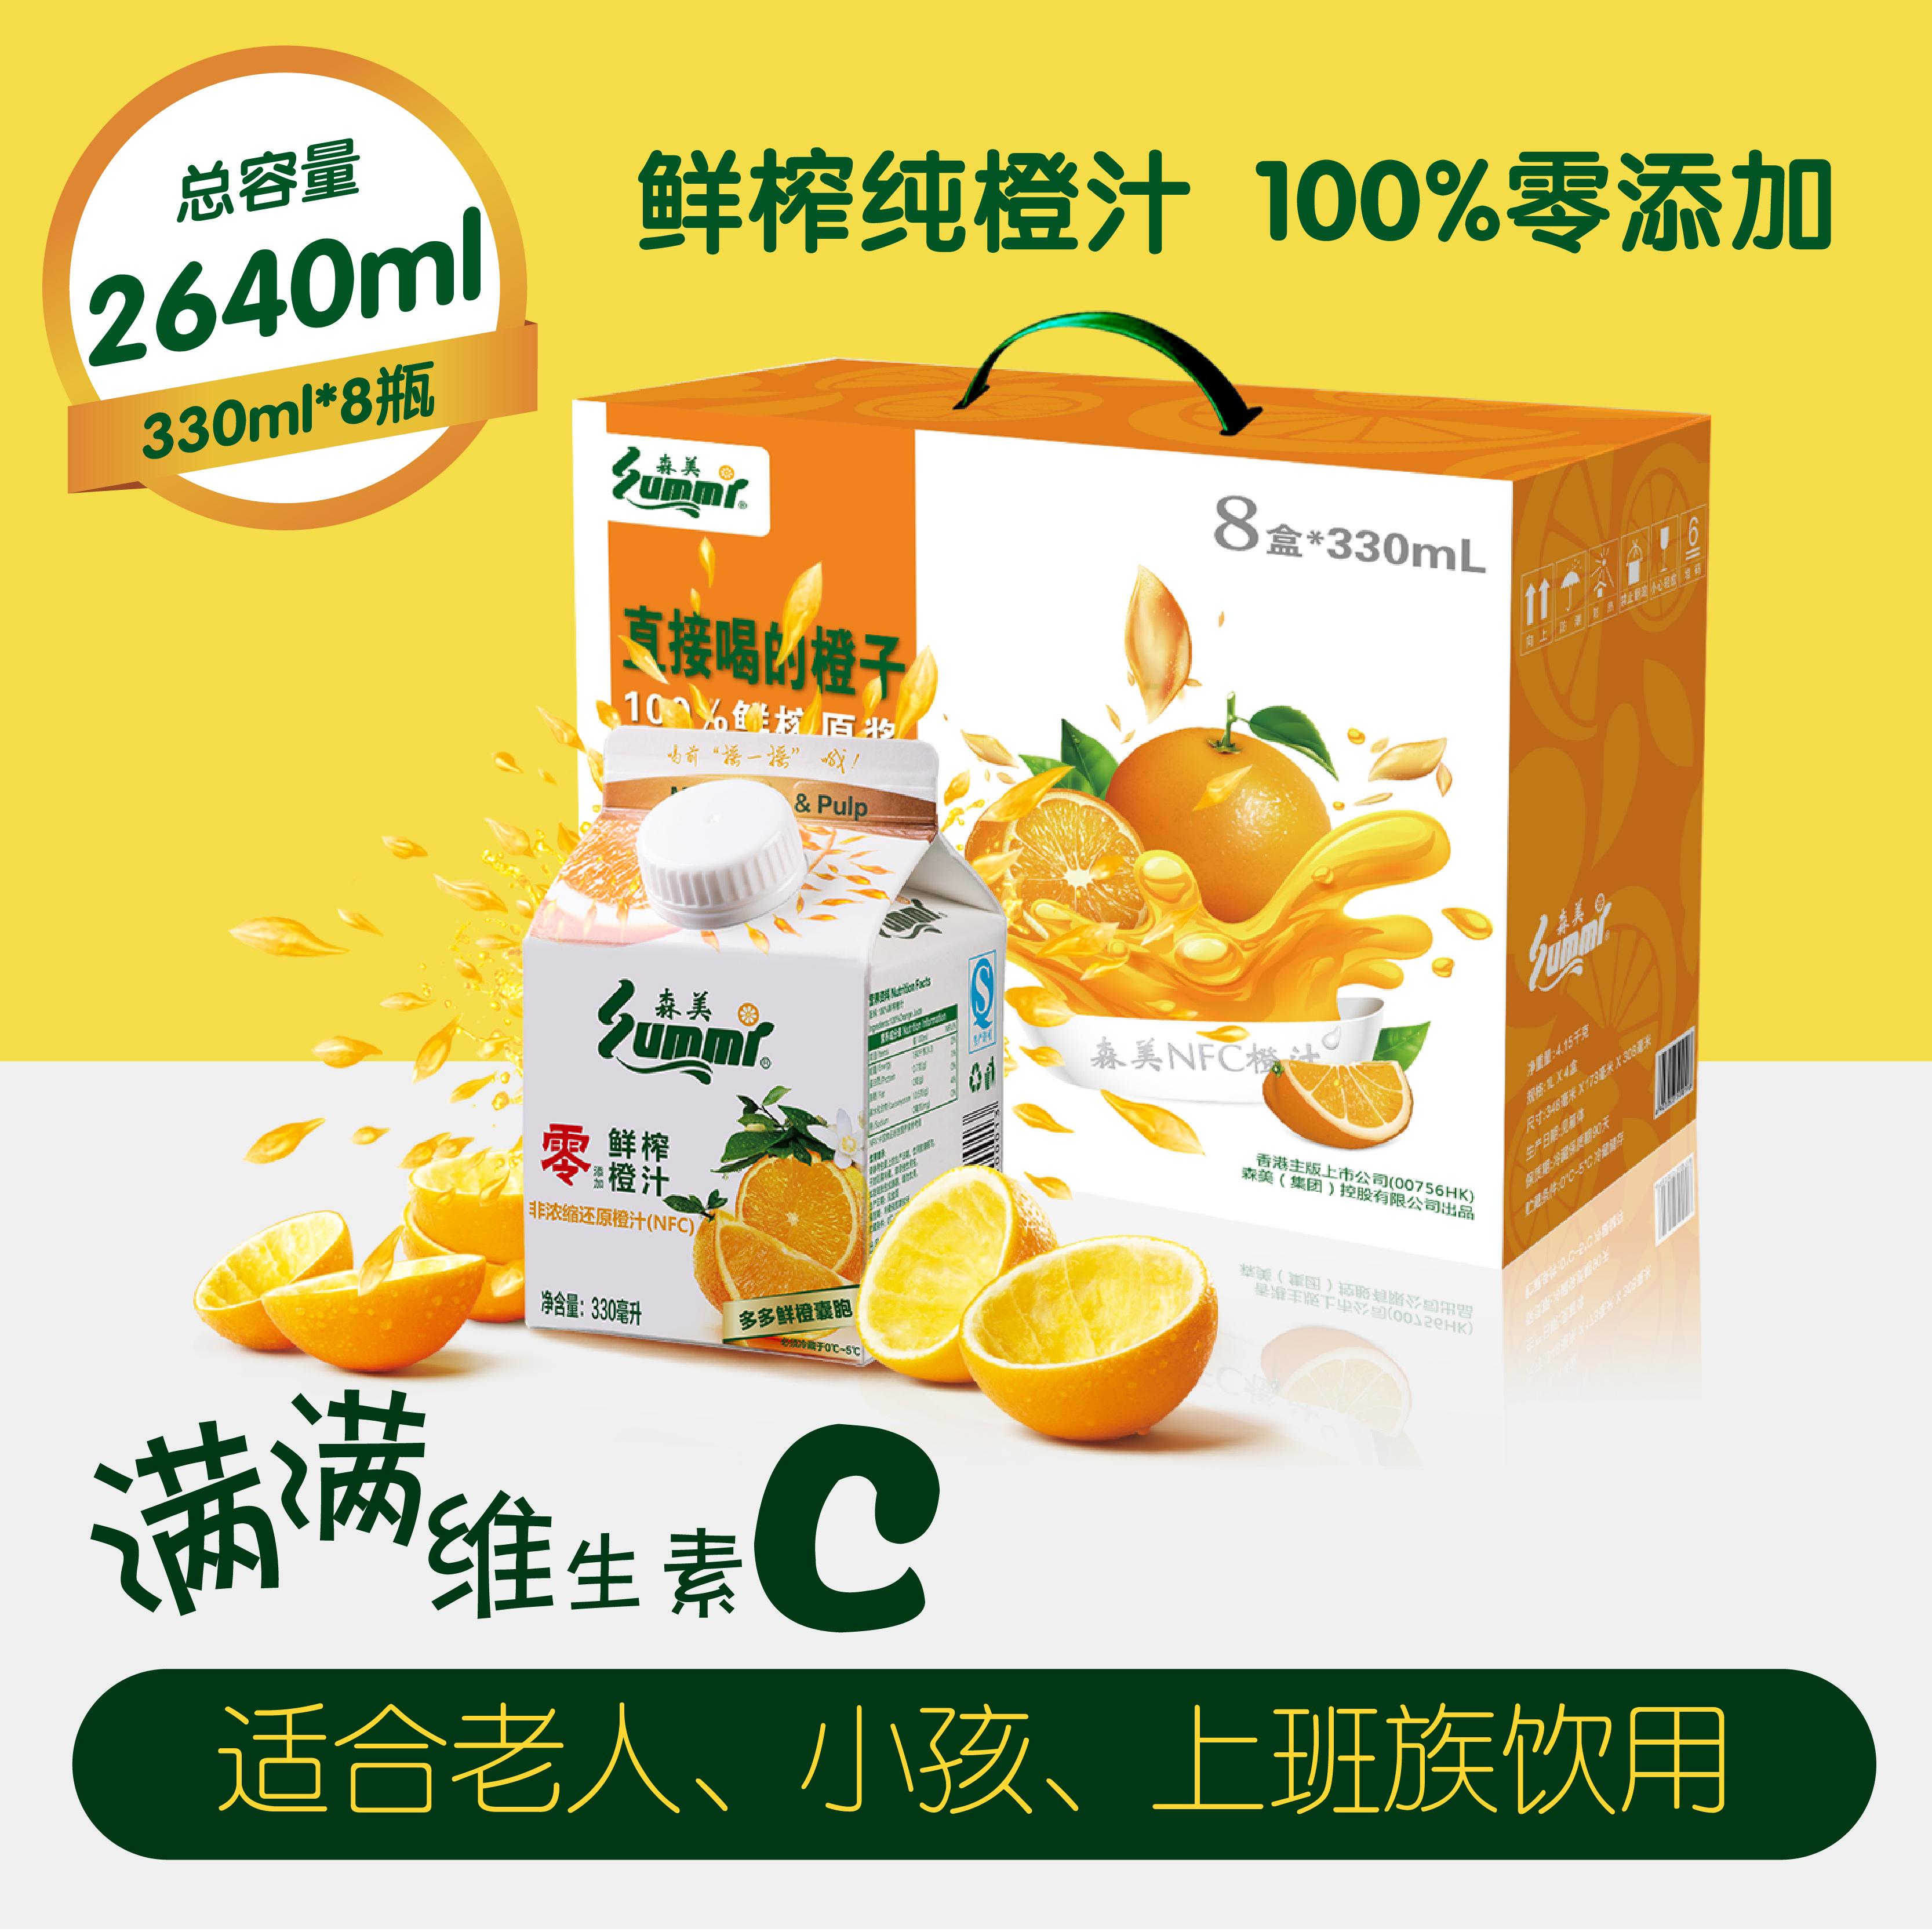 森美NFC鲜榨橙汁儿童孕妇无添加果蔬汁代餐饮料果汁整箱330ml*8盒